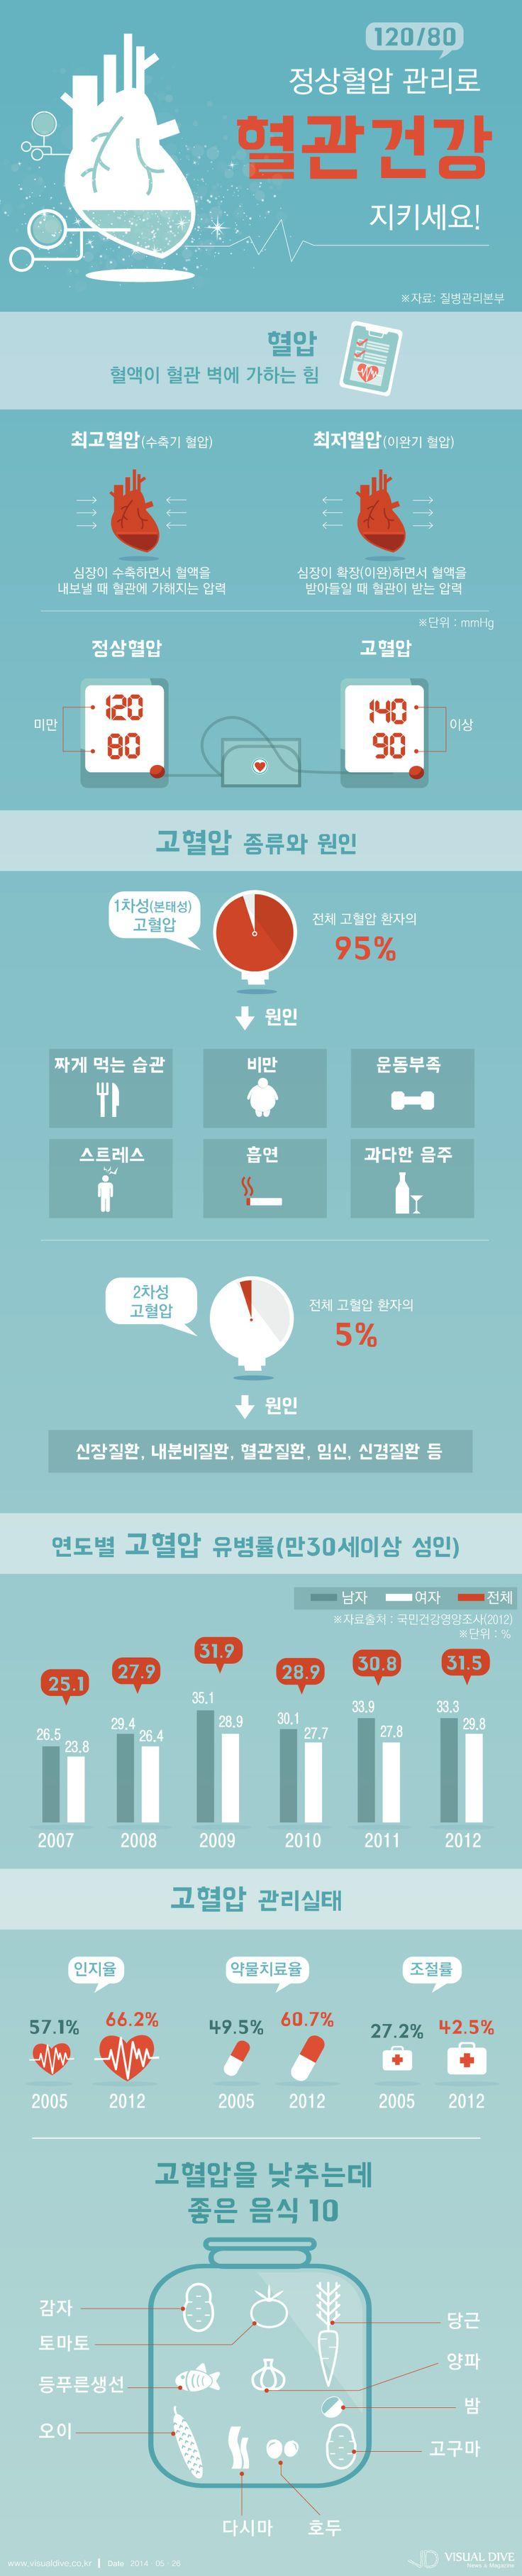 우리나라 성인 10명중 3명 고혈압, 일상생활 개선해야 [인포그래픽] #health  #Infographic ⓒ 비주얼다이브 무단 복사·전재·재배포